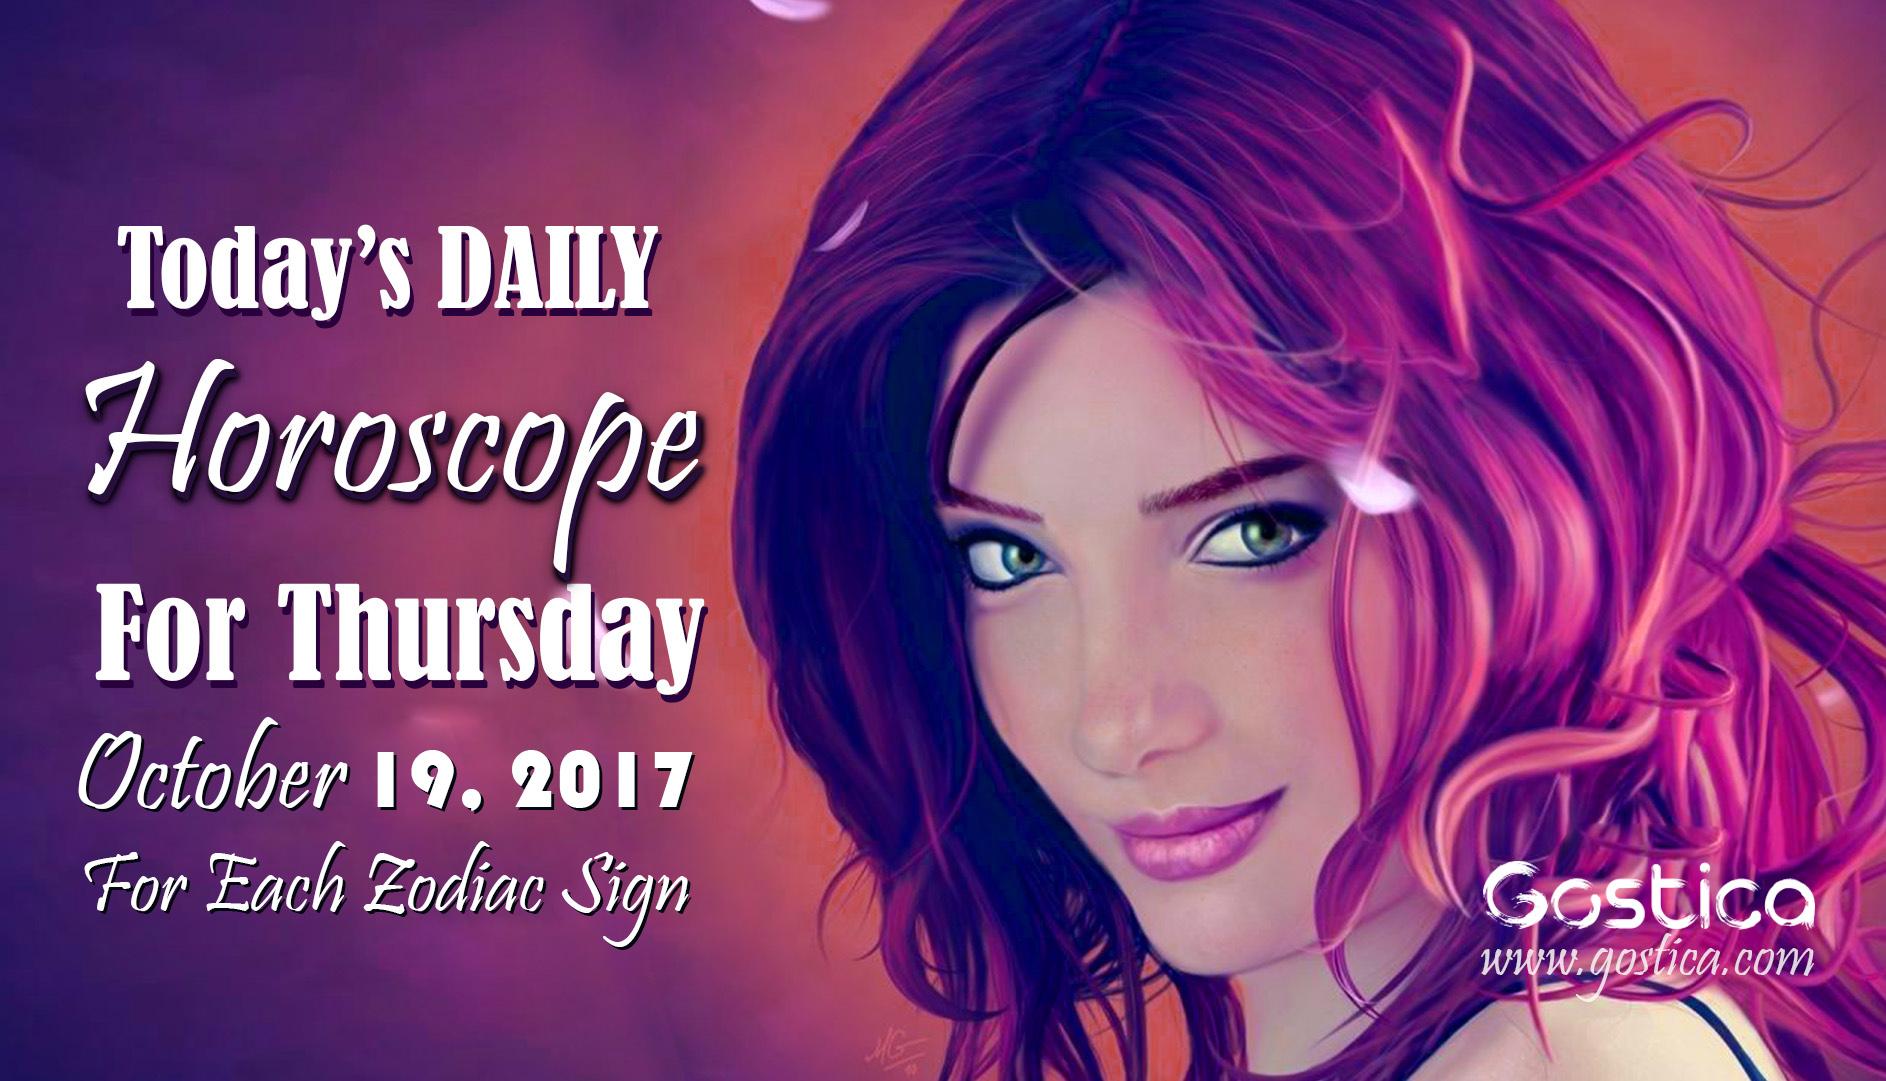 Daily-Horoscope-thursday-1.jpg